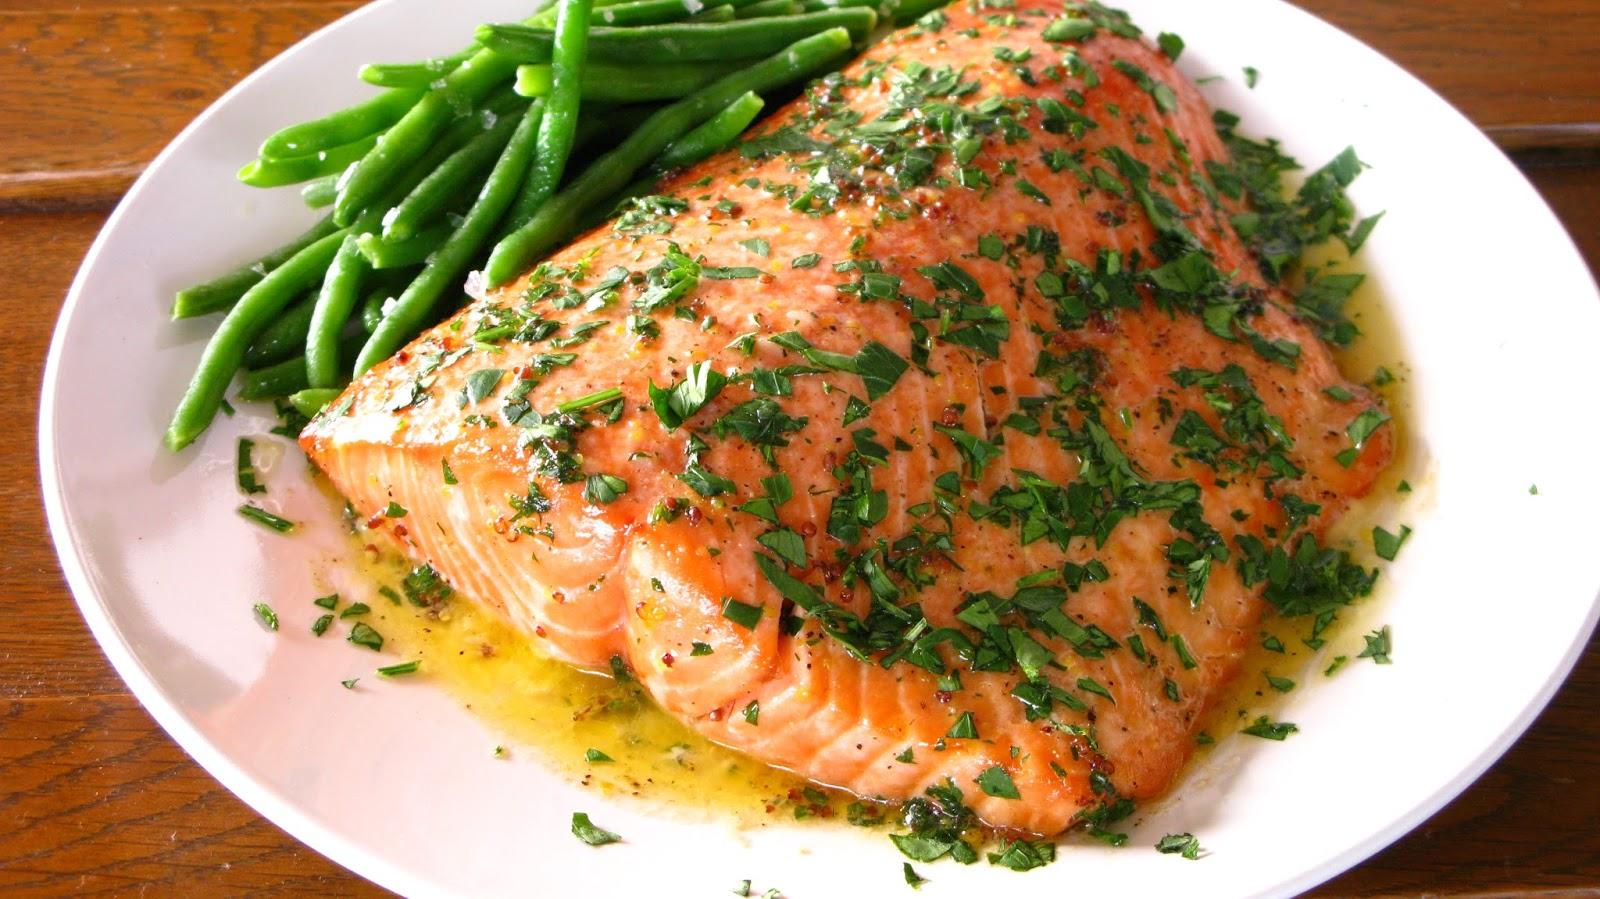 блюда из рыбы горбуши рецепты с фото единственный рамштайн